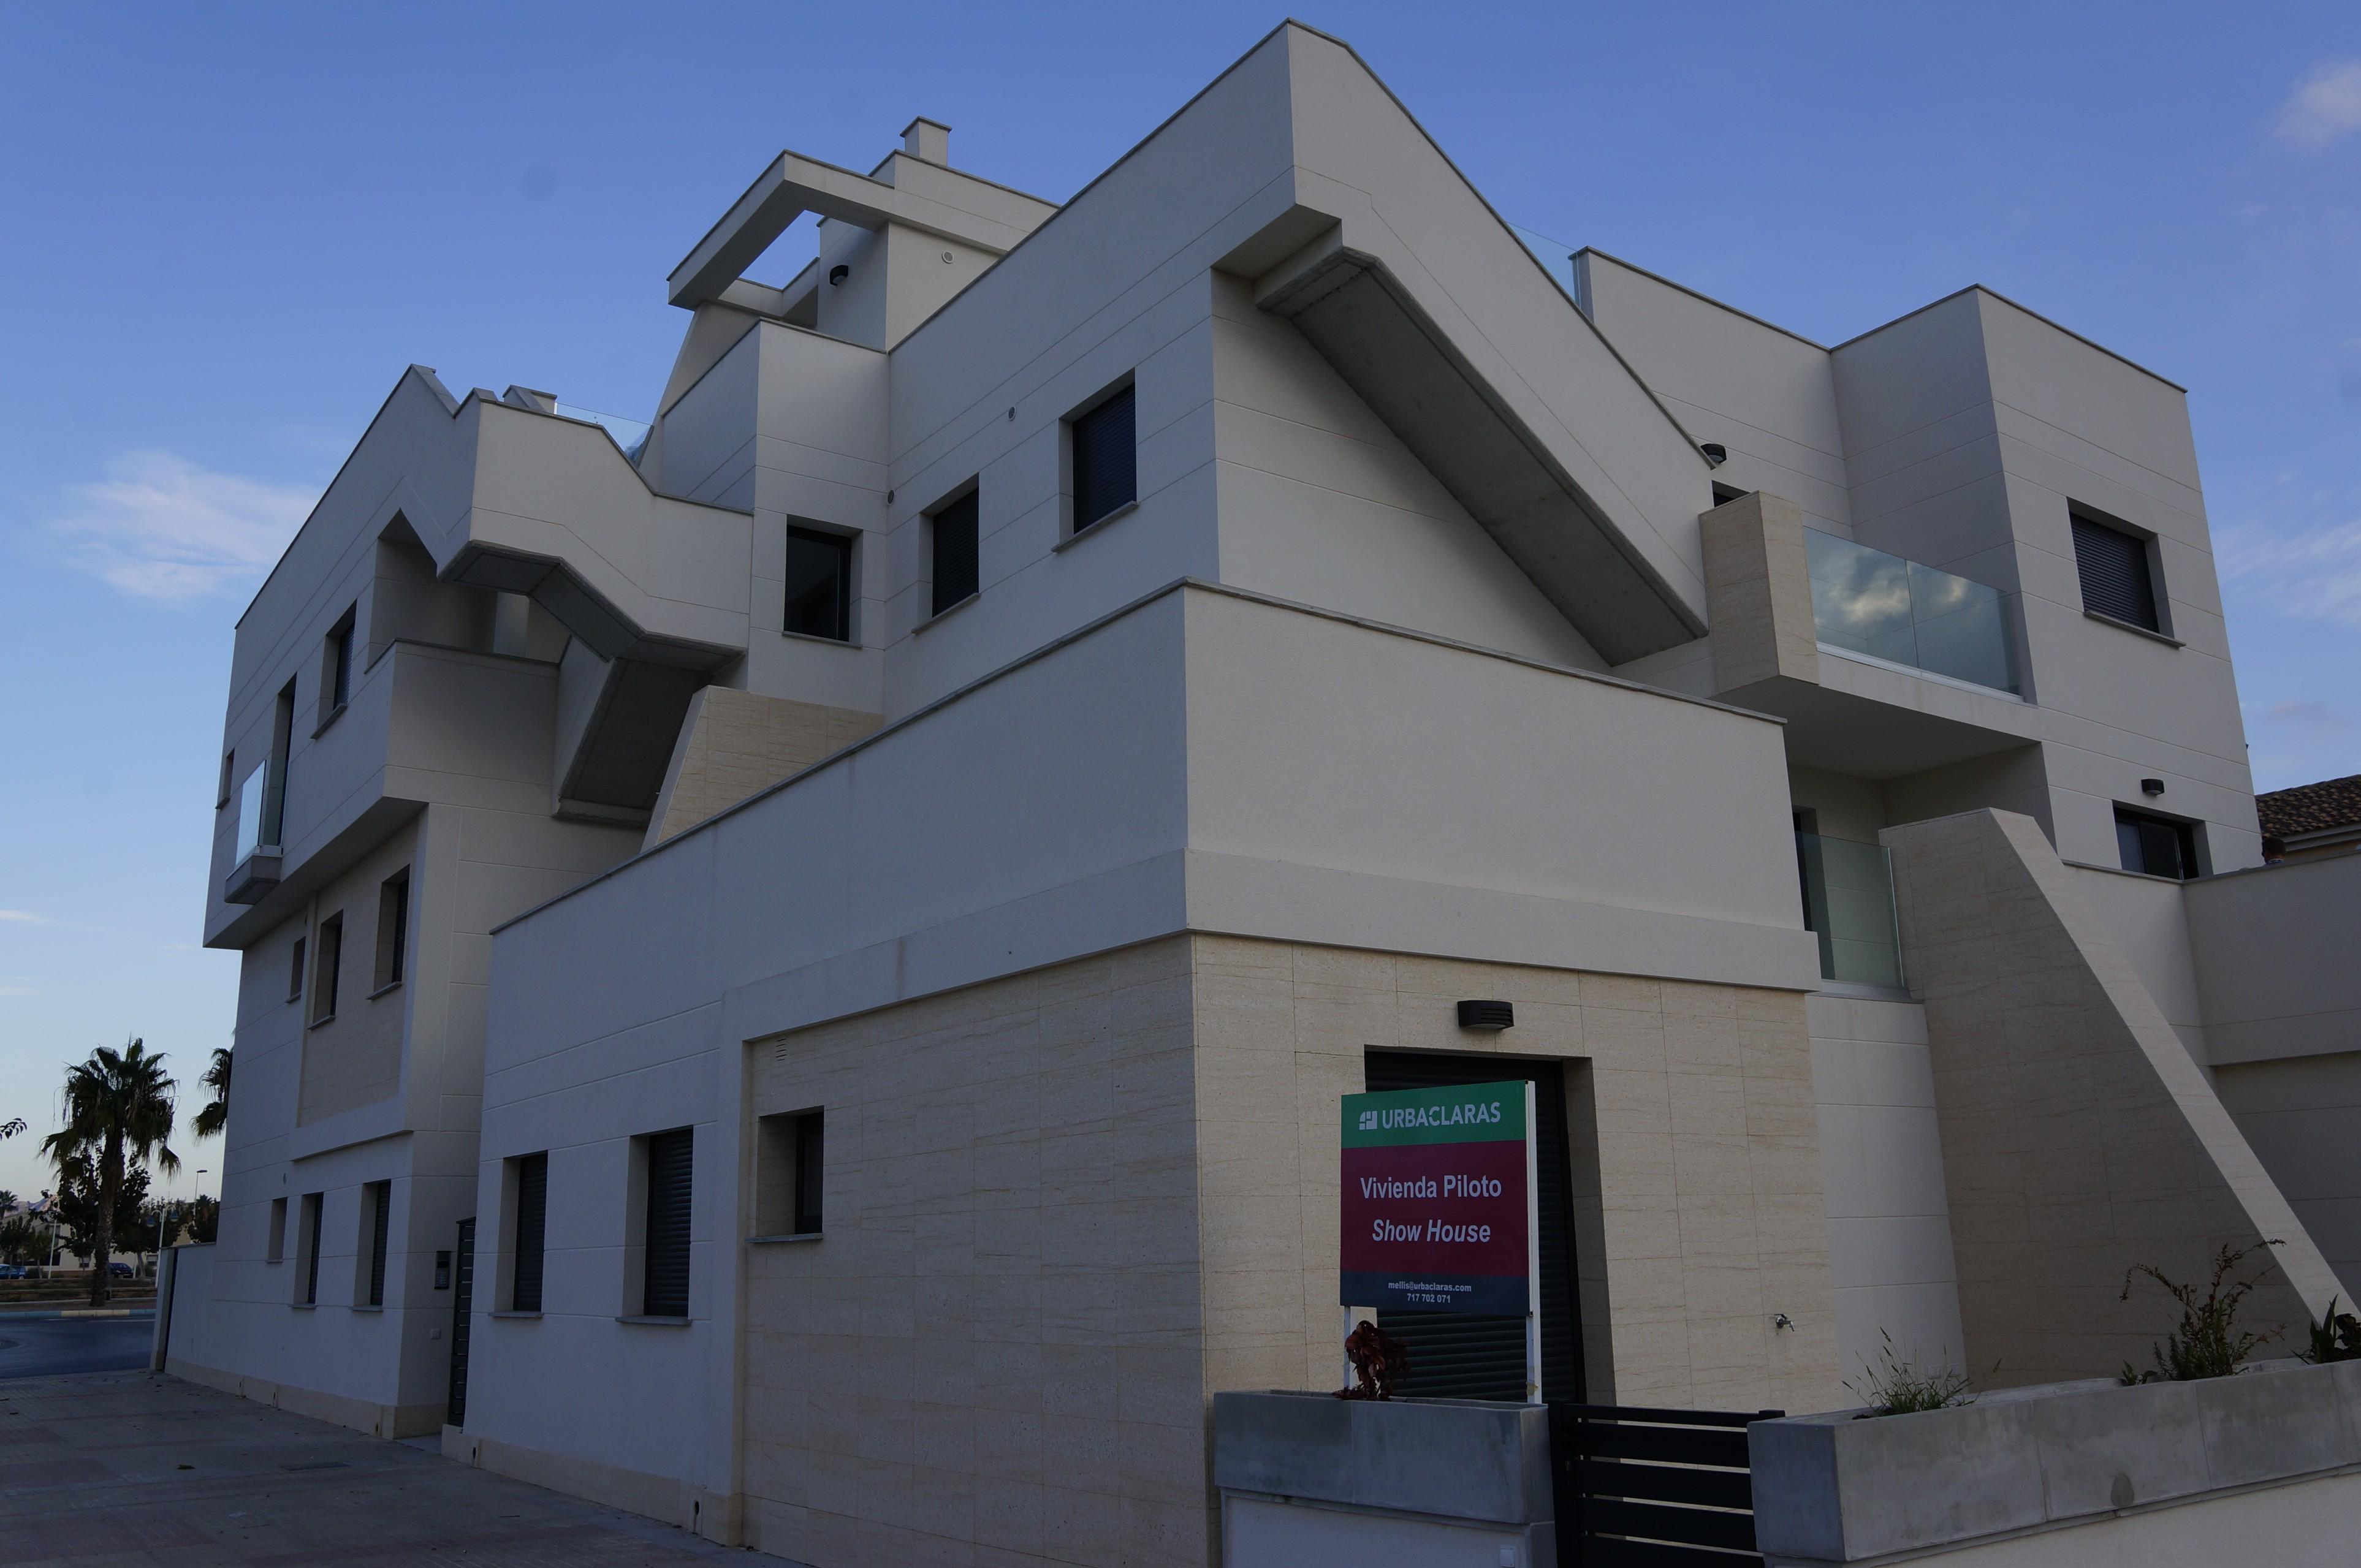 Exterior Viviendas Calle de las Palmeras